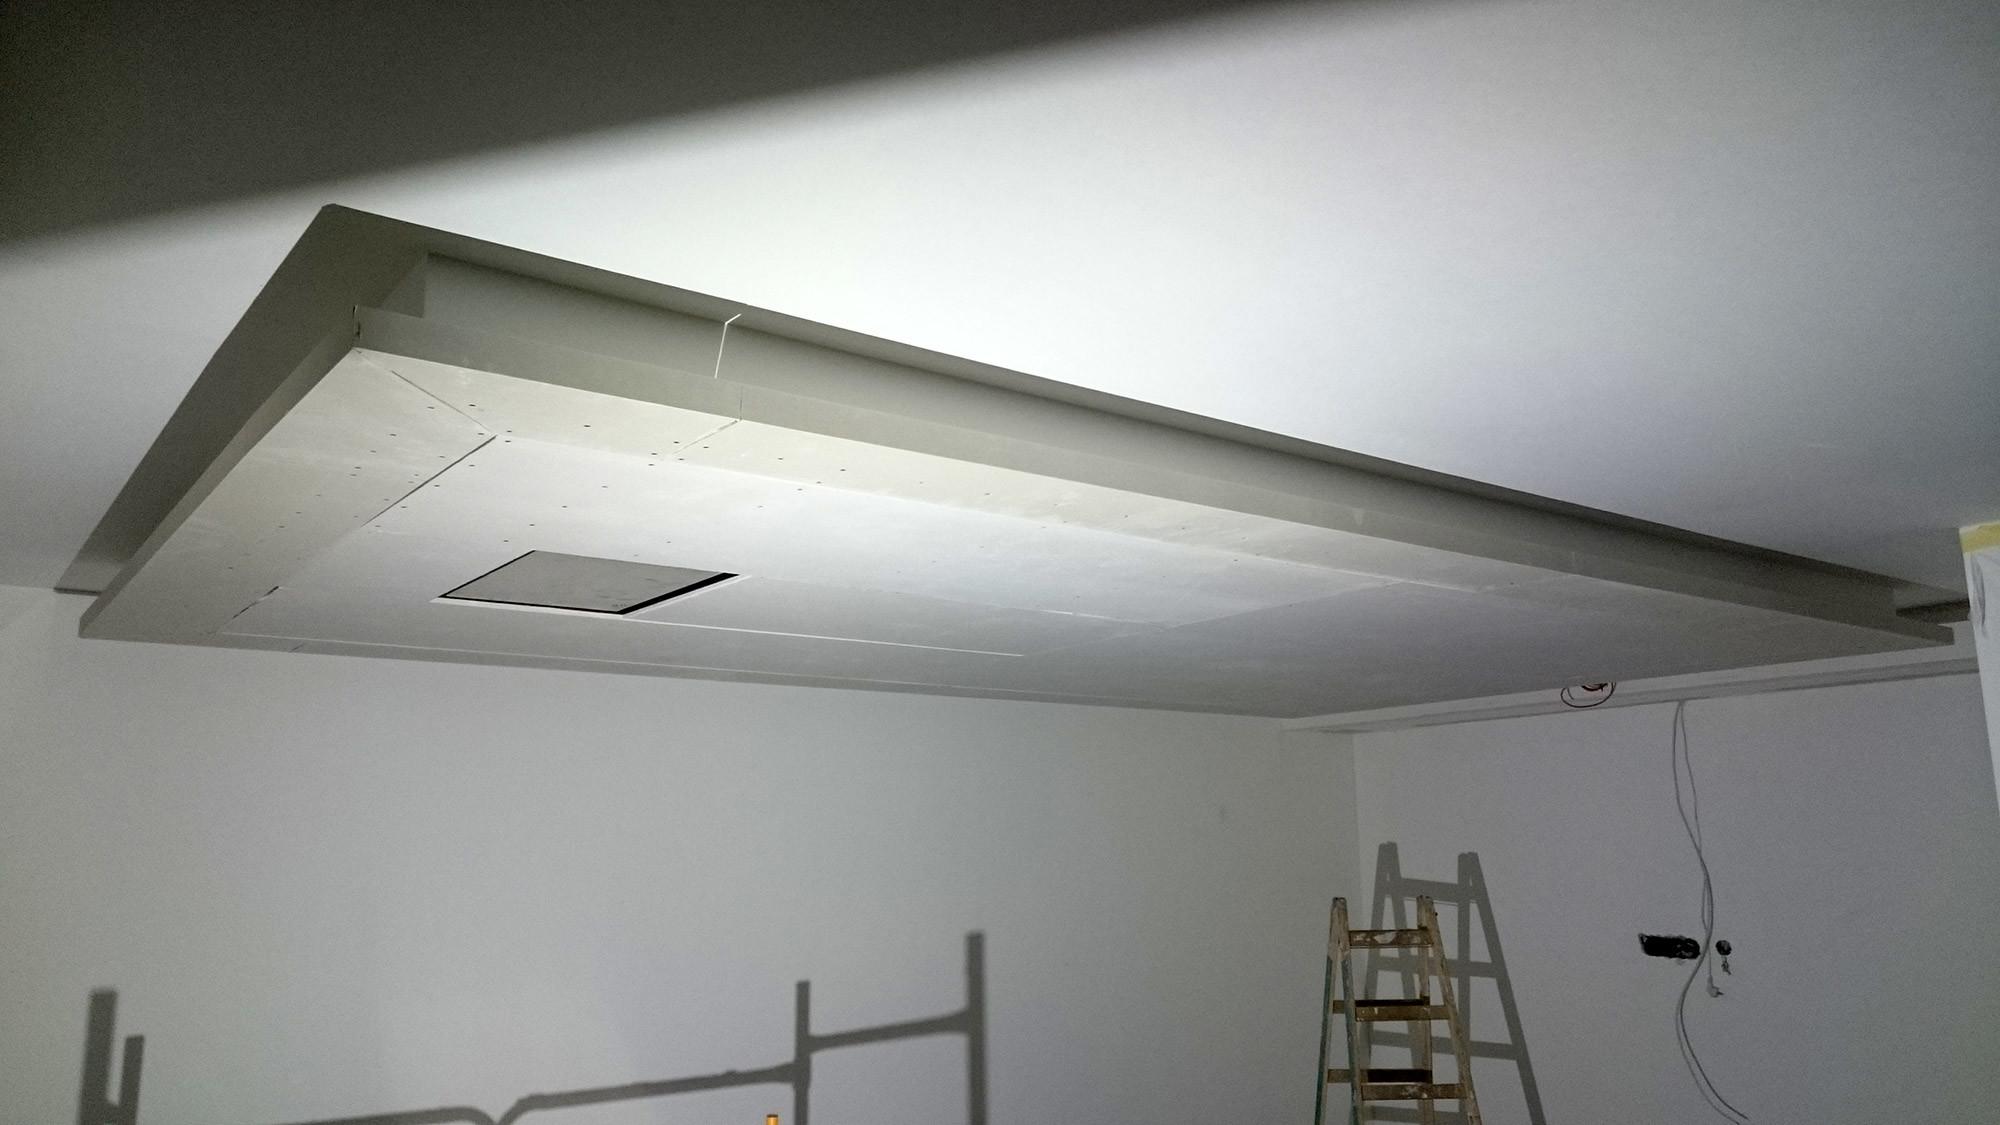 Full Size of Indirekte Beleuchtung Bad Deckenleuchte Wohnzimmer Deckenlampen Modern Spiegelschrank Mit Und Steckdose Deckenleuchten Schlafzimmer Bett Deckenlampe Led Wohnzimmer Indirekte Beleuchtung Decke